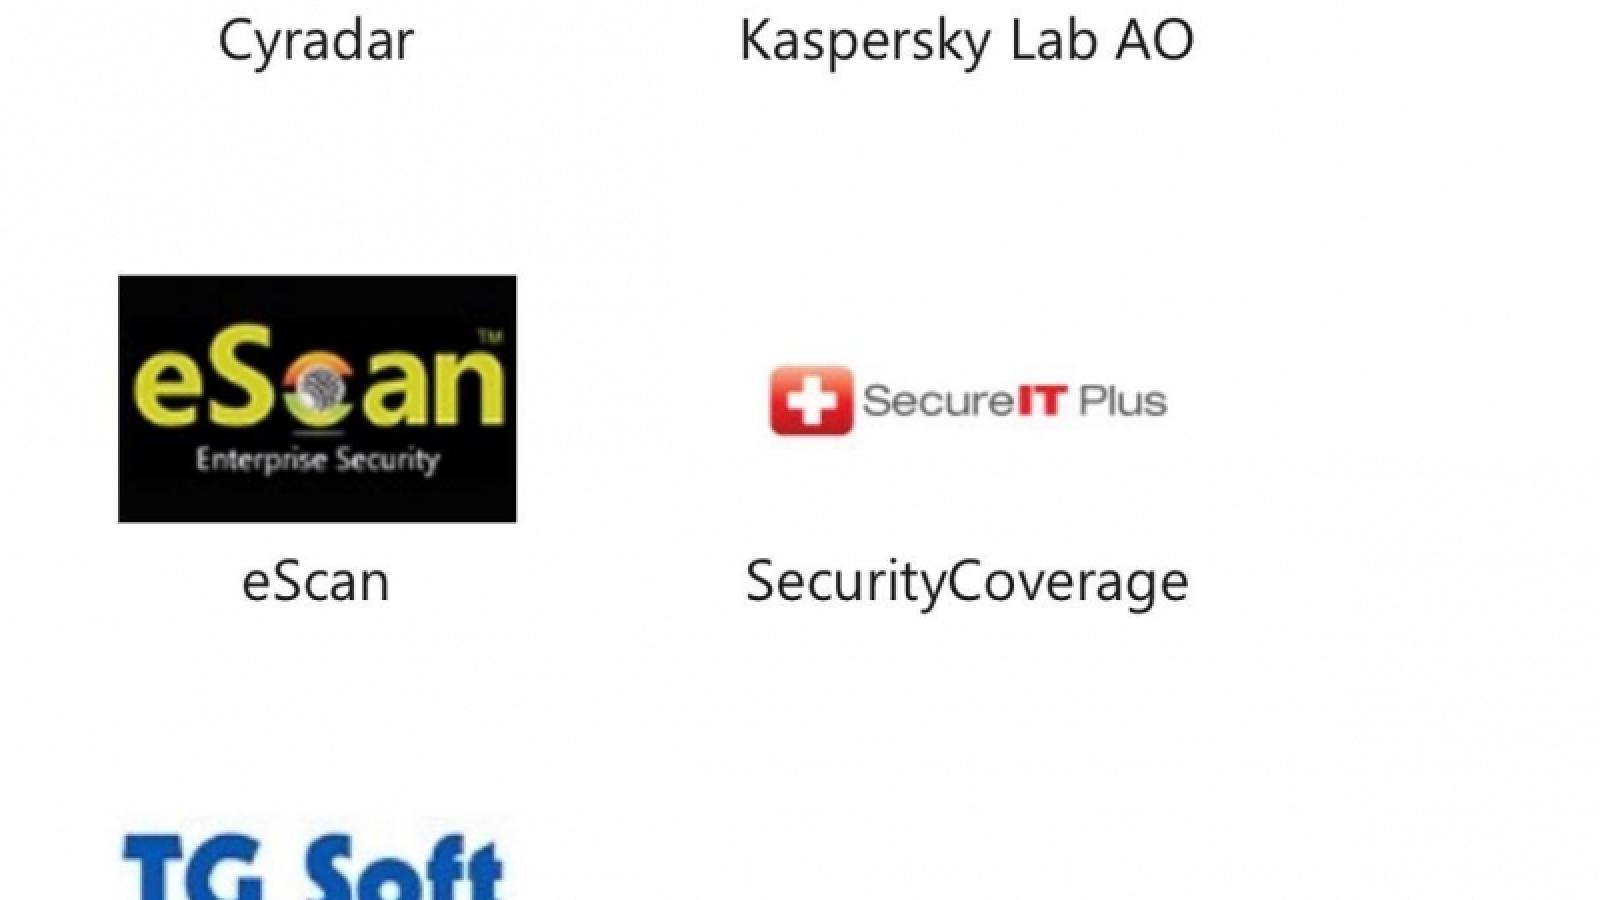 Lần đầu tiên DN bảo mật Việt Nam được Microsoft khuyến cáo người dùng nên sử dụng